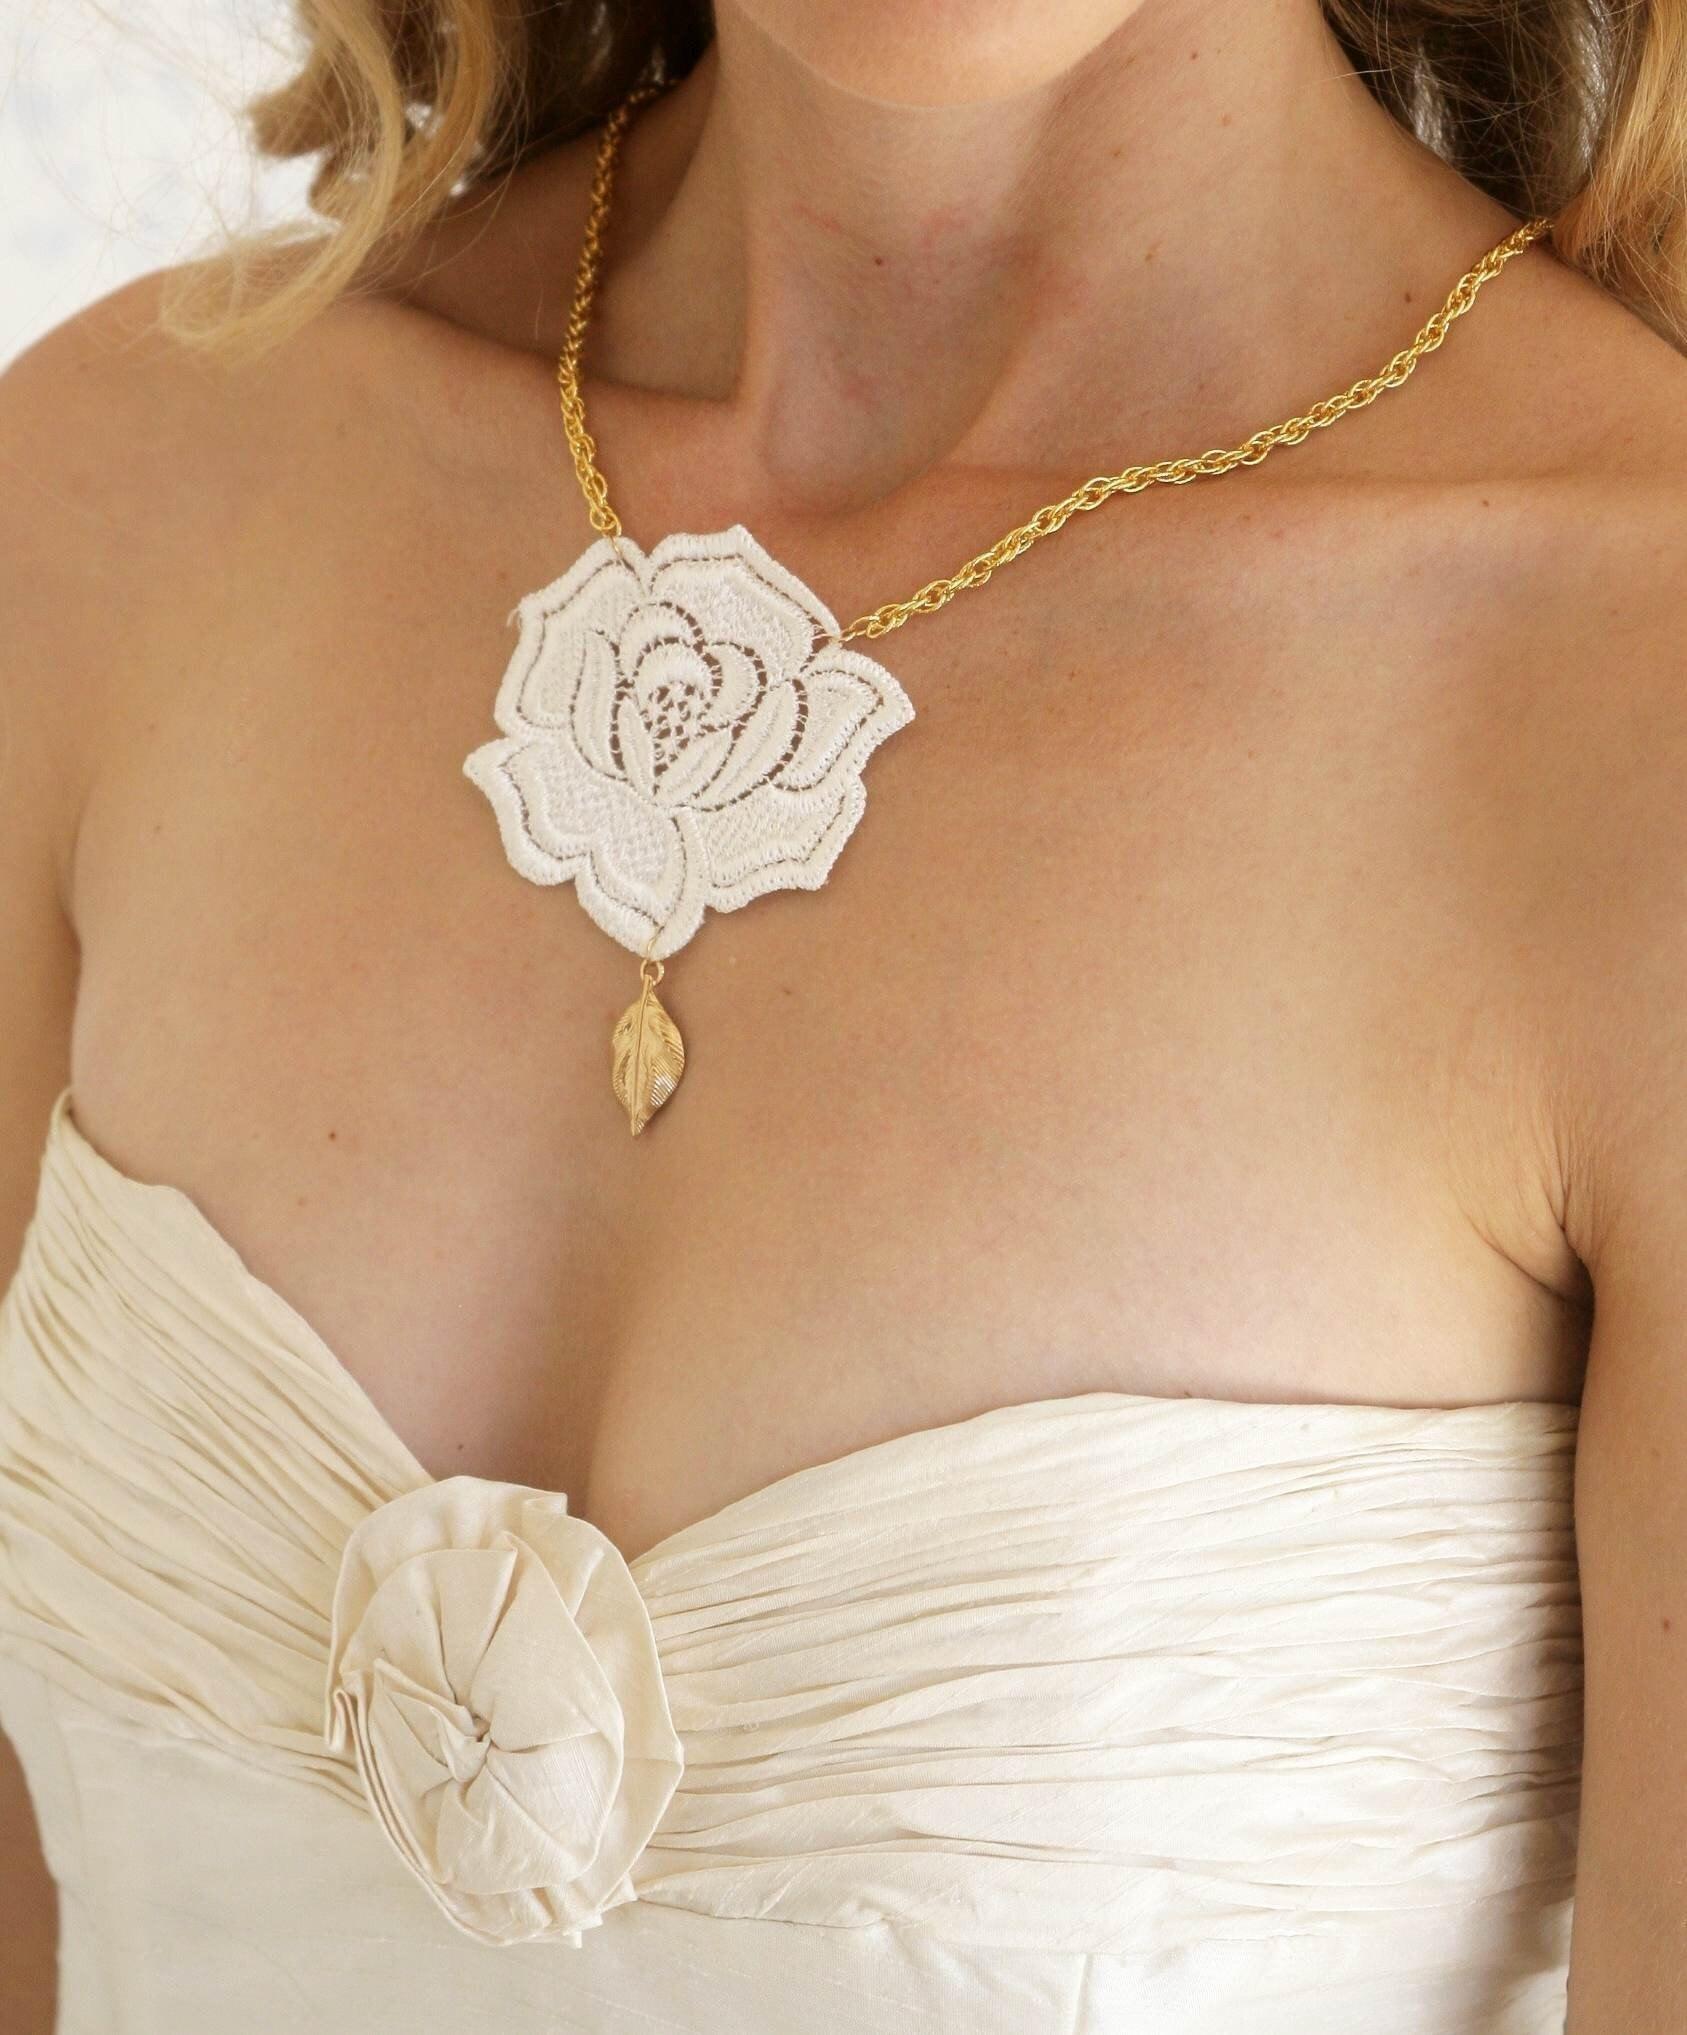 Buy 1 Get 1 SALE -Rose necklace